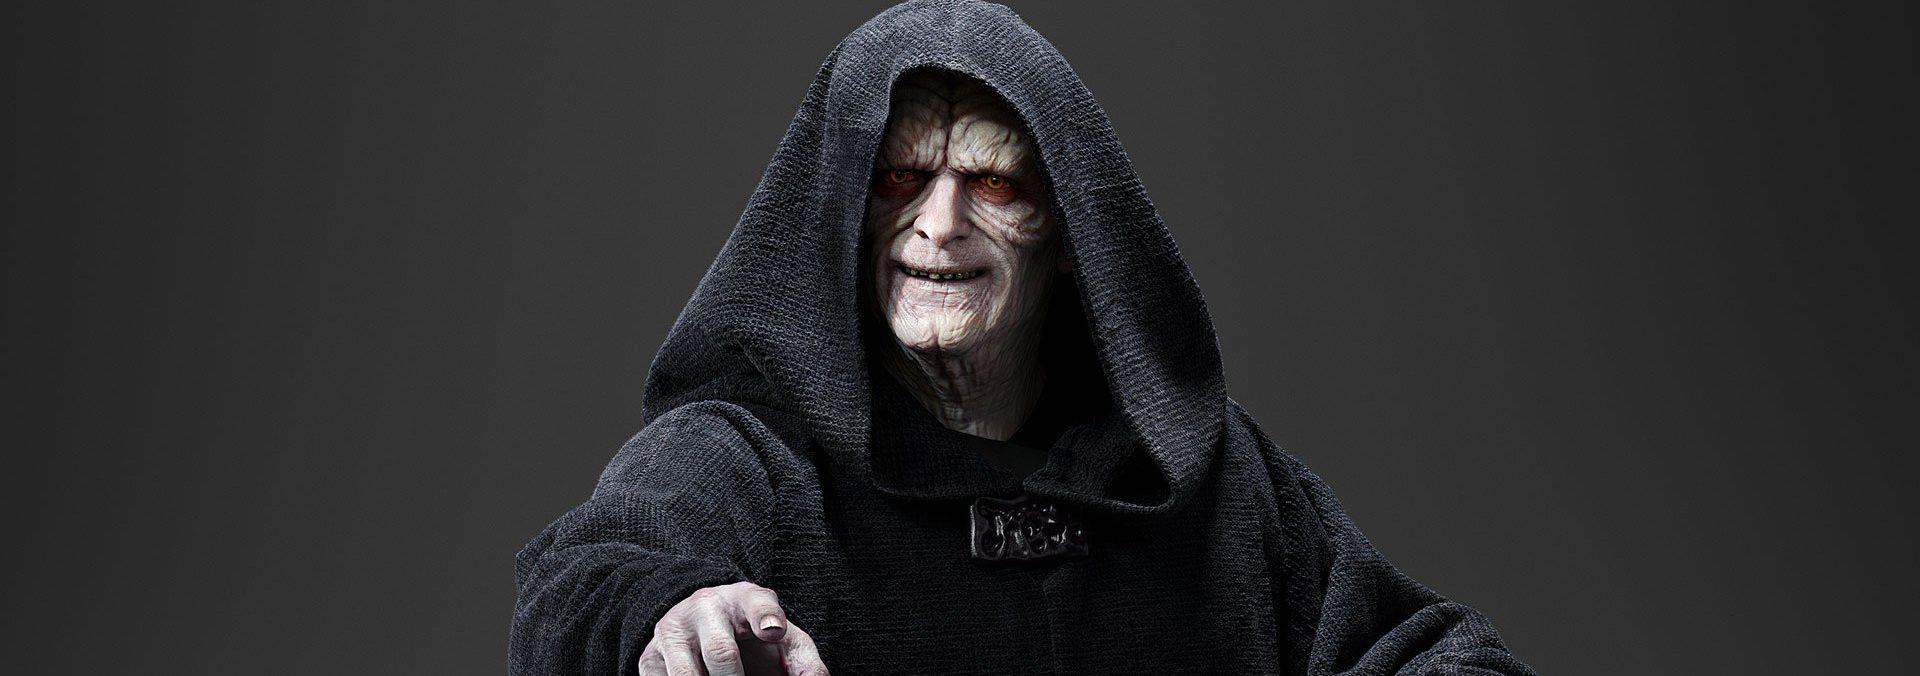 Star Wars Battlefront 2: Palpatine wurde klammheimlich entfernt!